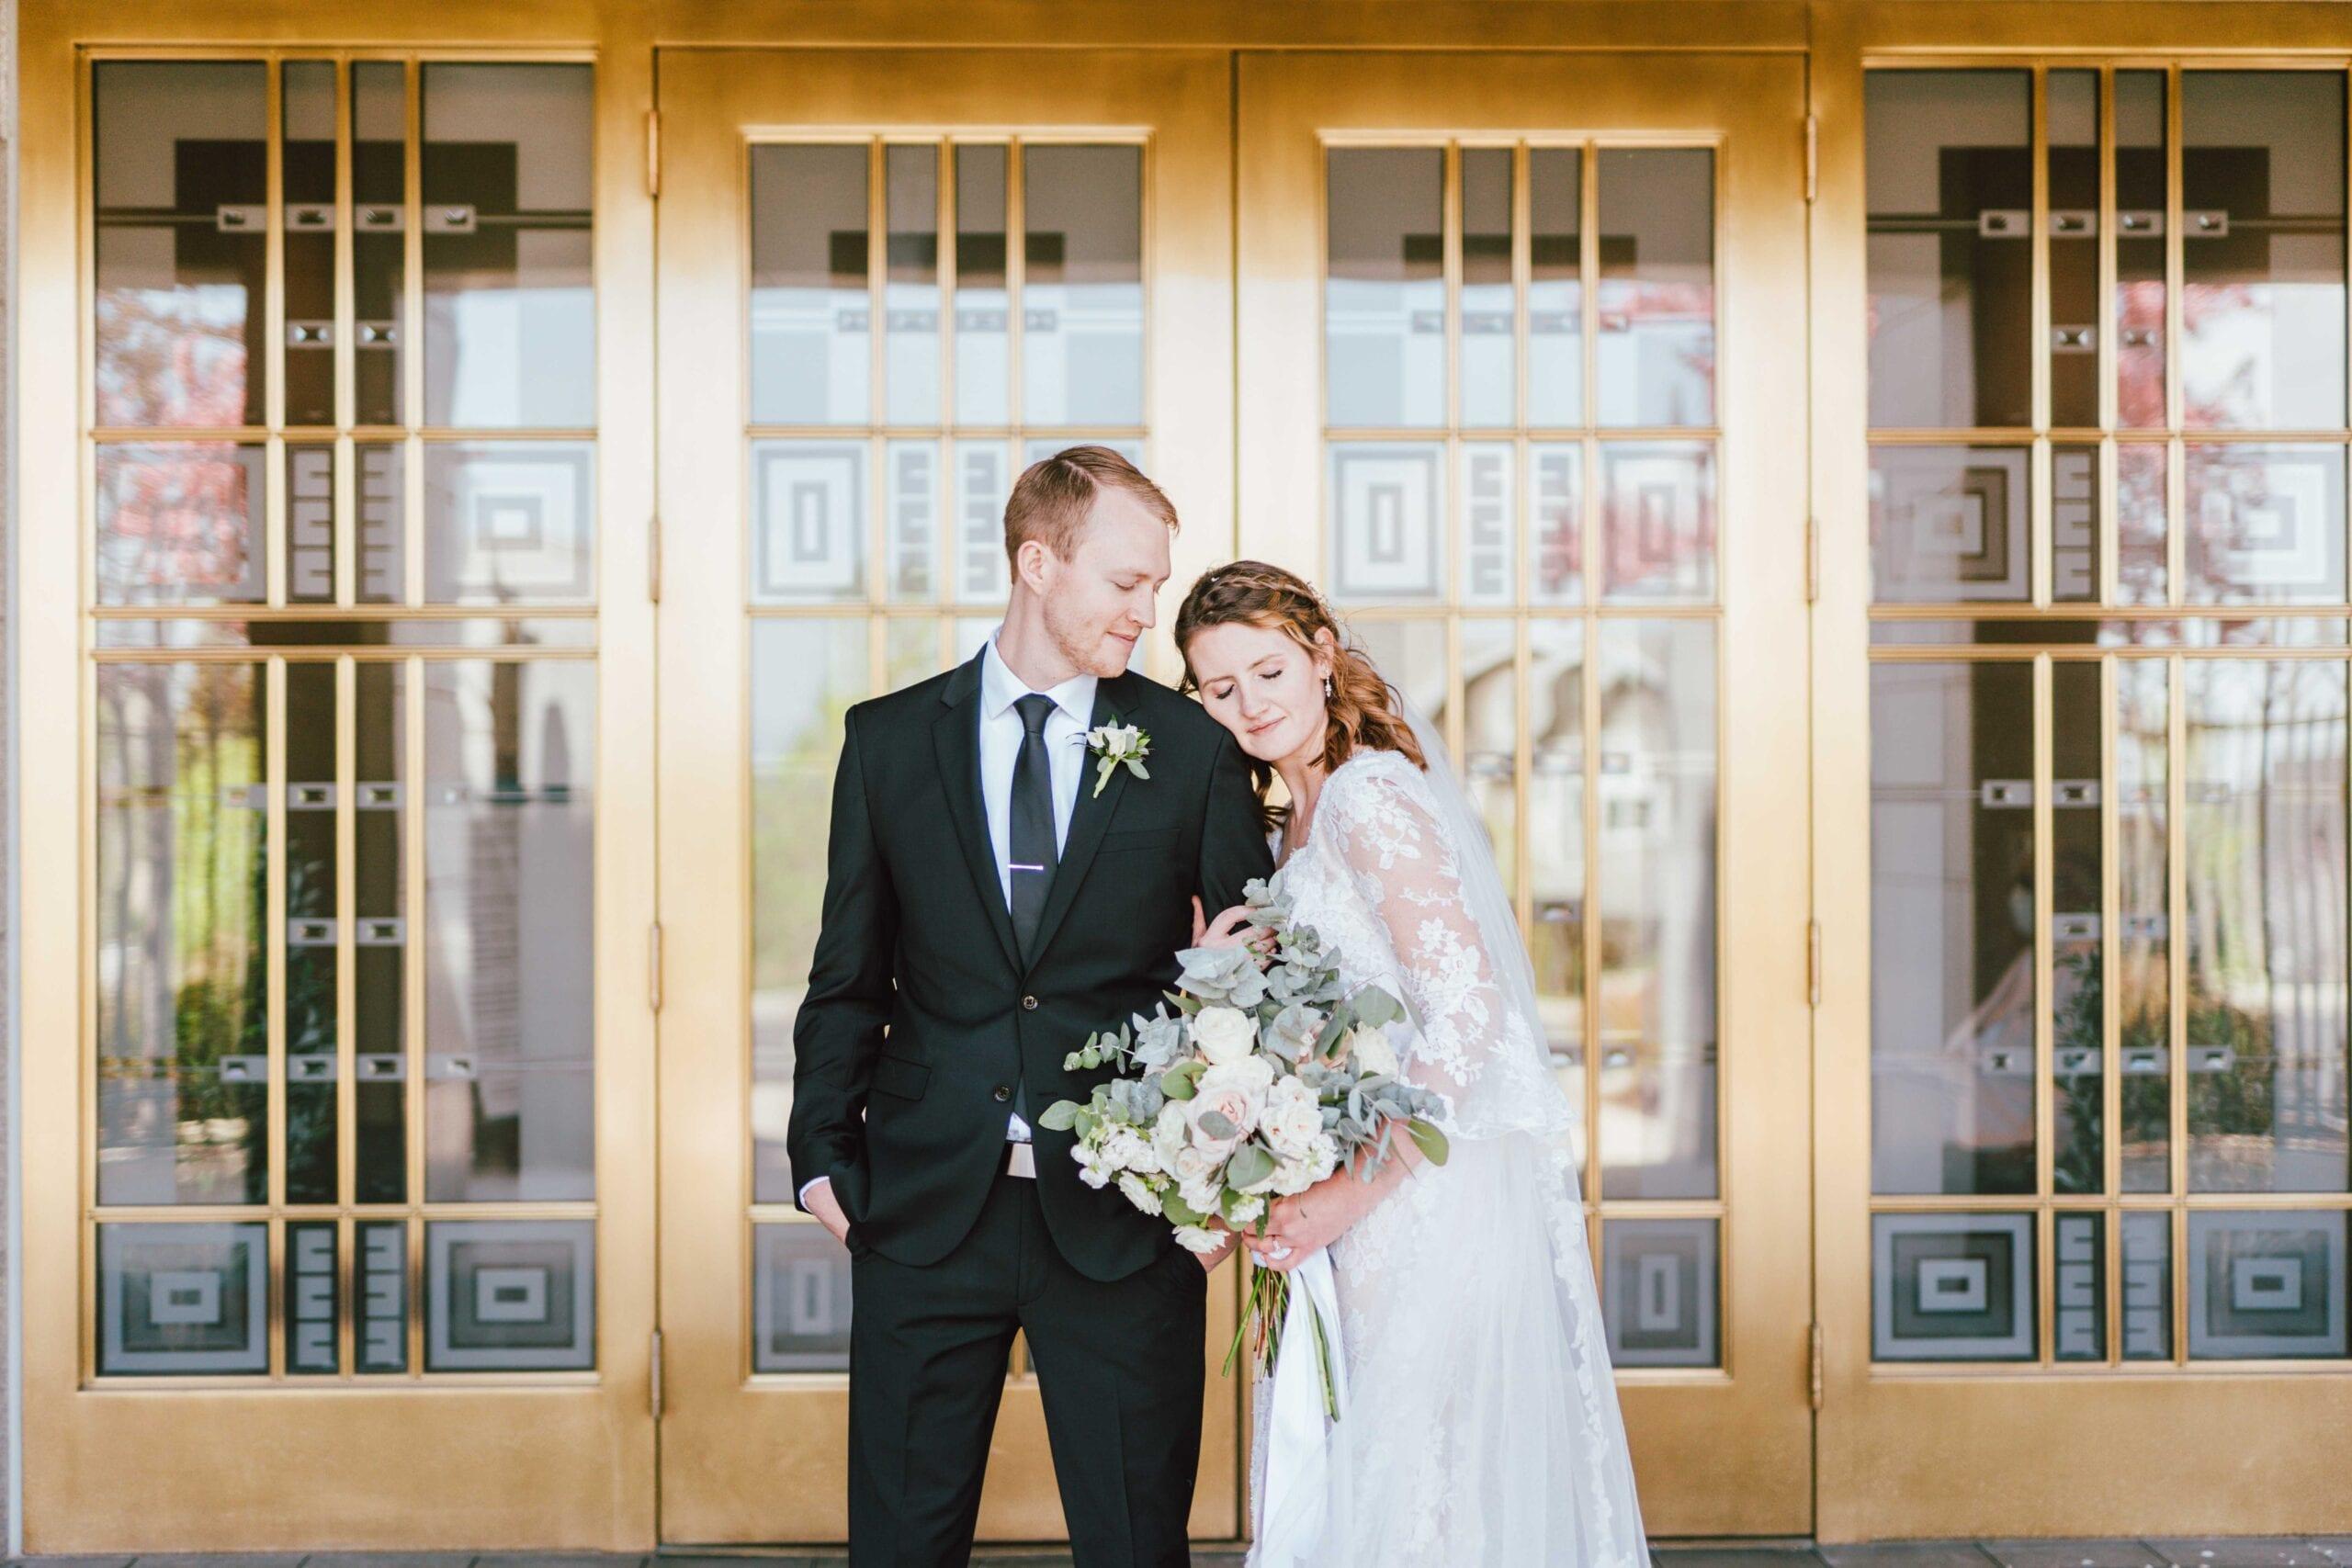 draper utah temple wedding bride and groom at doors